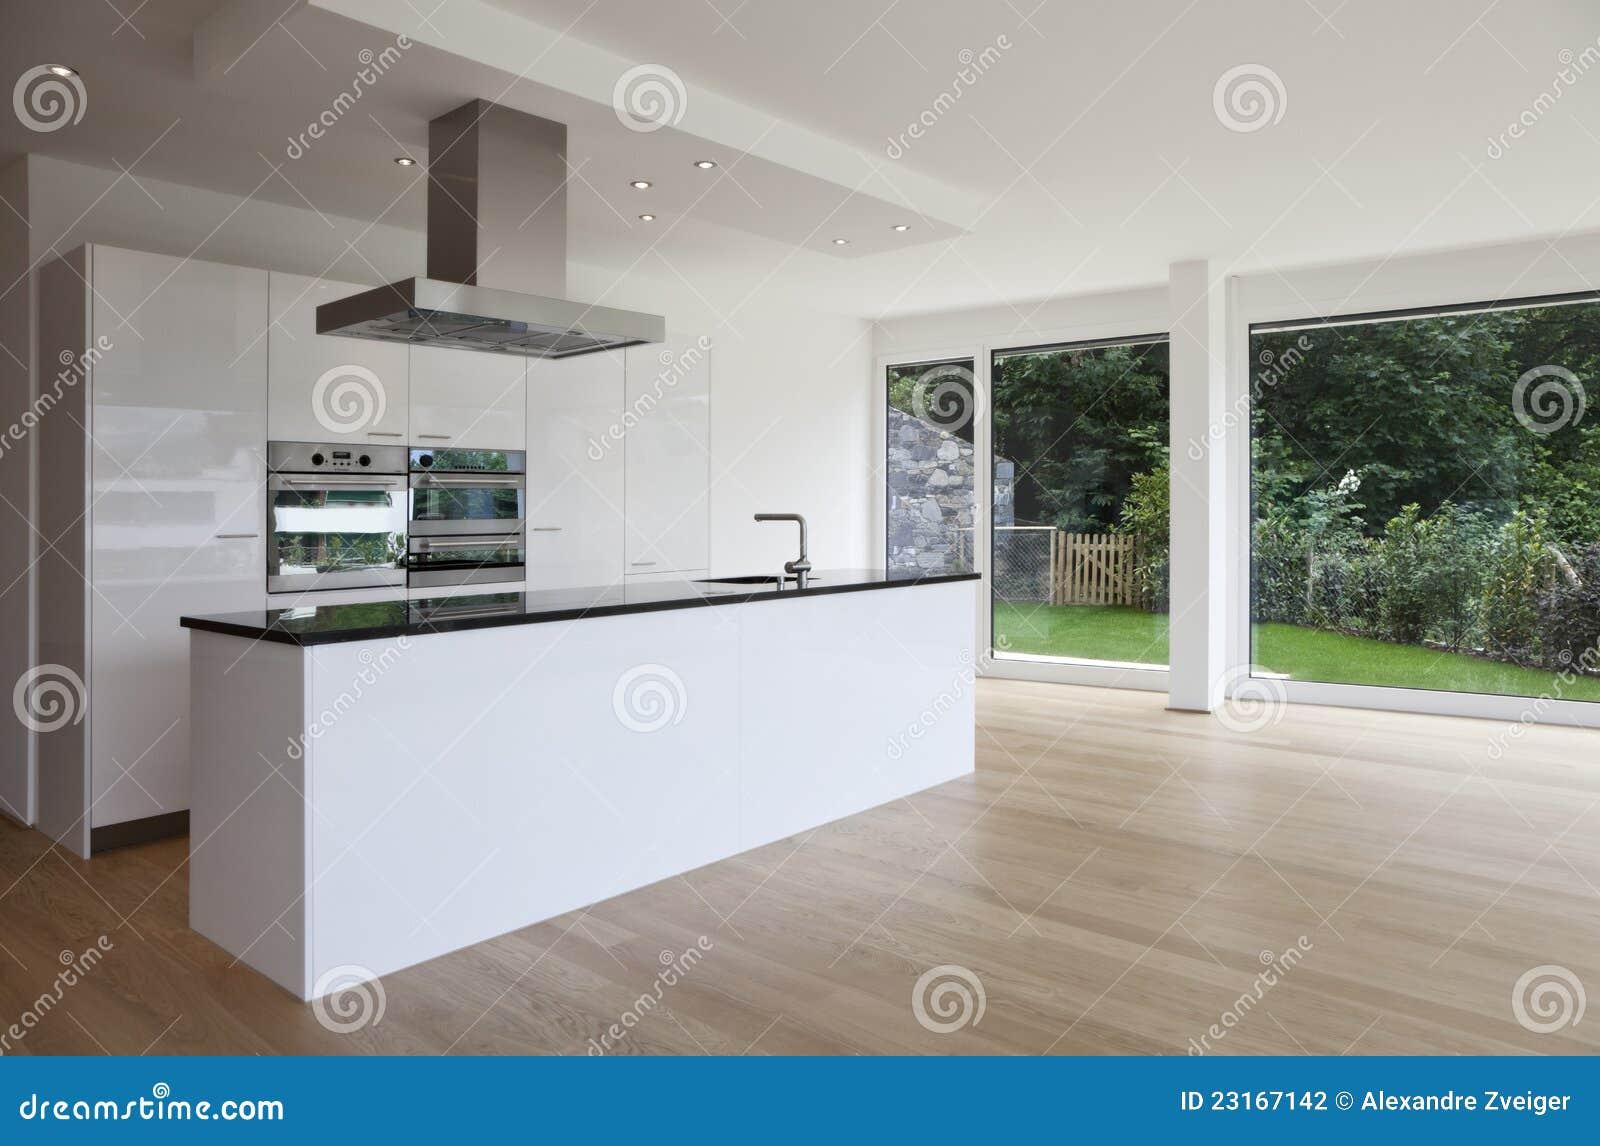 Isla de cocina suelo de madera fotograf a de archivo - Suelos de madera para cocinas ...